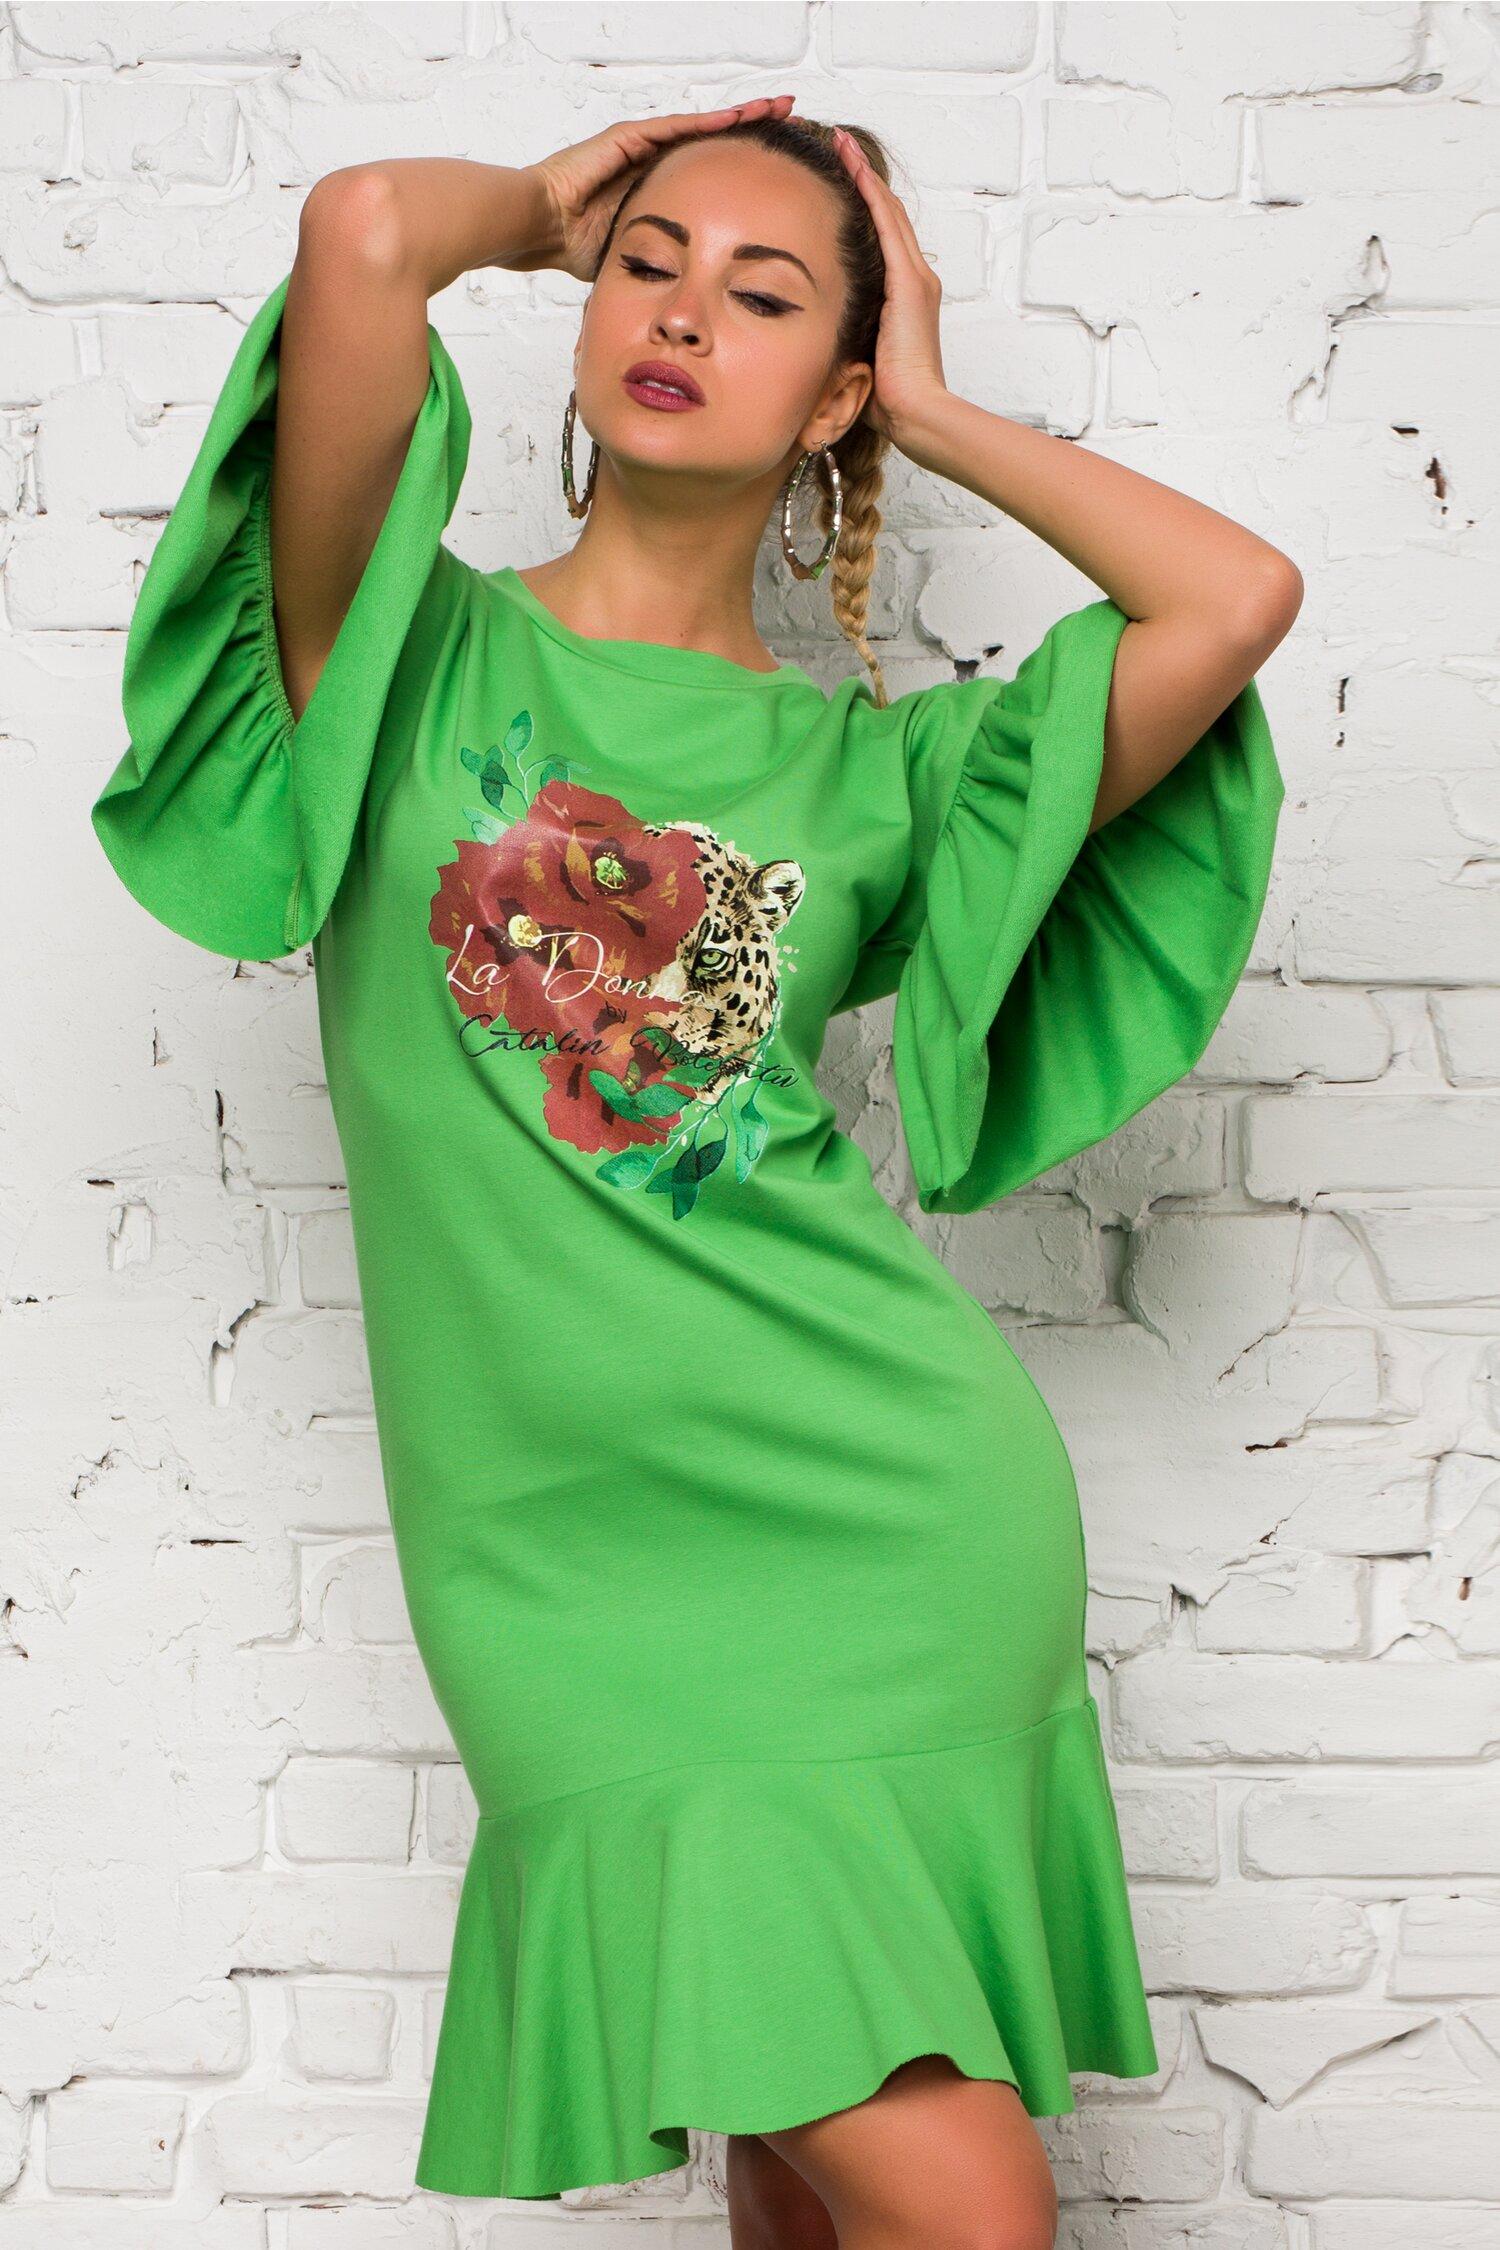 Rochie verde LaDonna by Catalin Botezatu cu imagine imprimata pe fata si volane